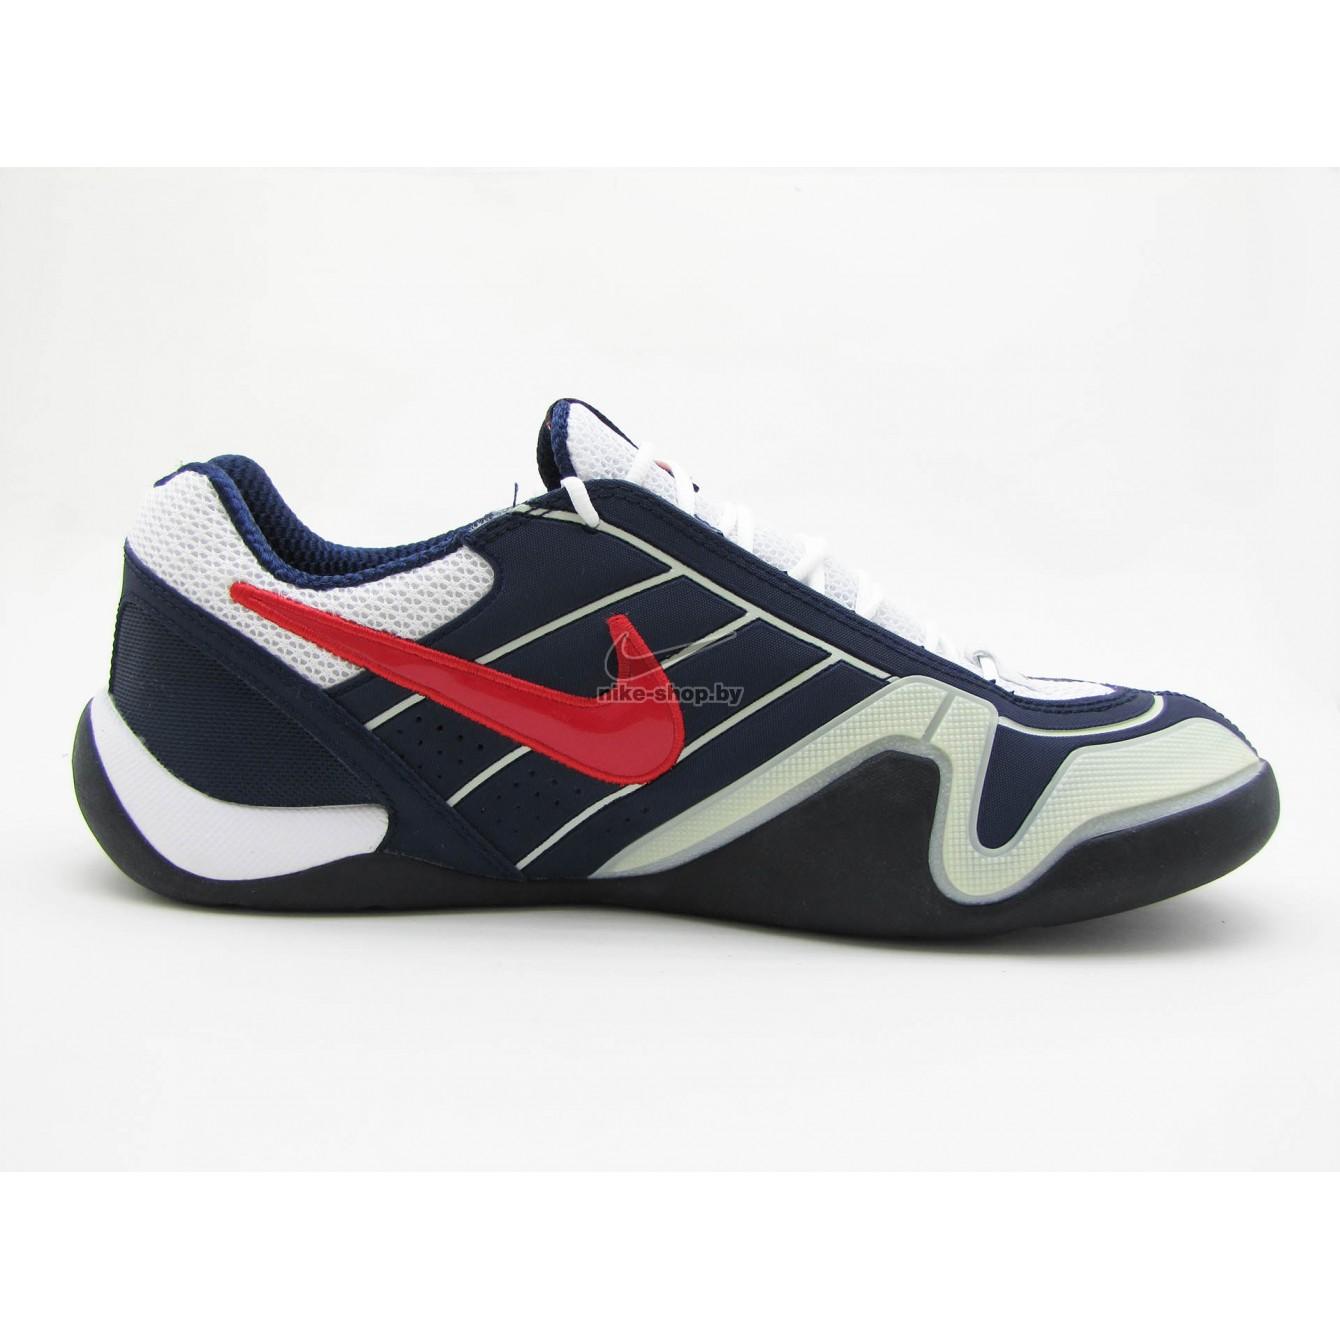 ad185515 Обувь для фехтования NIKE AIR ZOOM FENCER